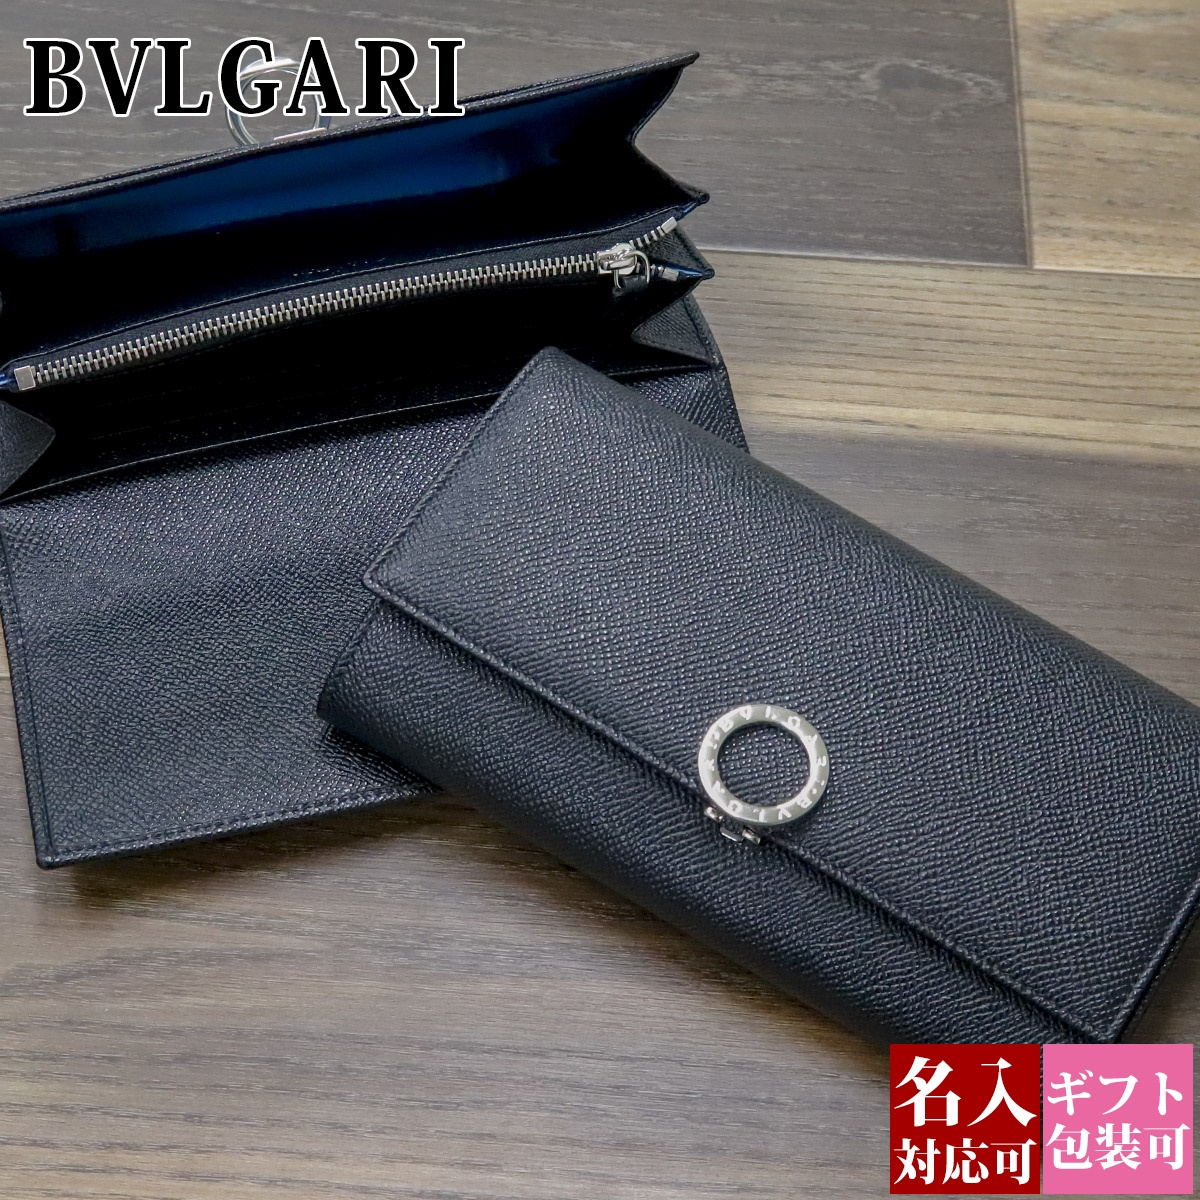 【名入れ】 ブルガリ 財布 メンズ ブルガリブルガリ 30414 BVLGARIBVLGARI 長財布 ブラック 黒 ファスナー レディース 新生活 プレゼント